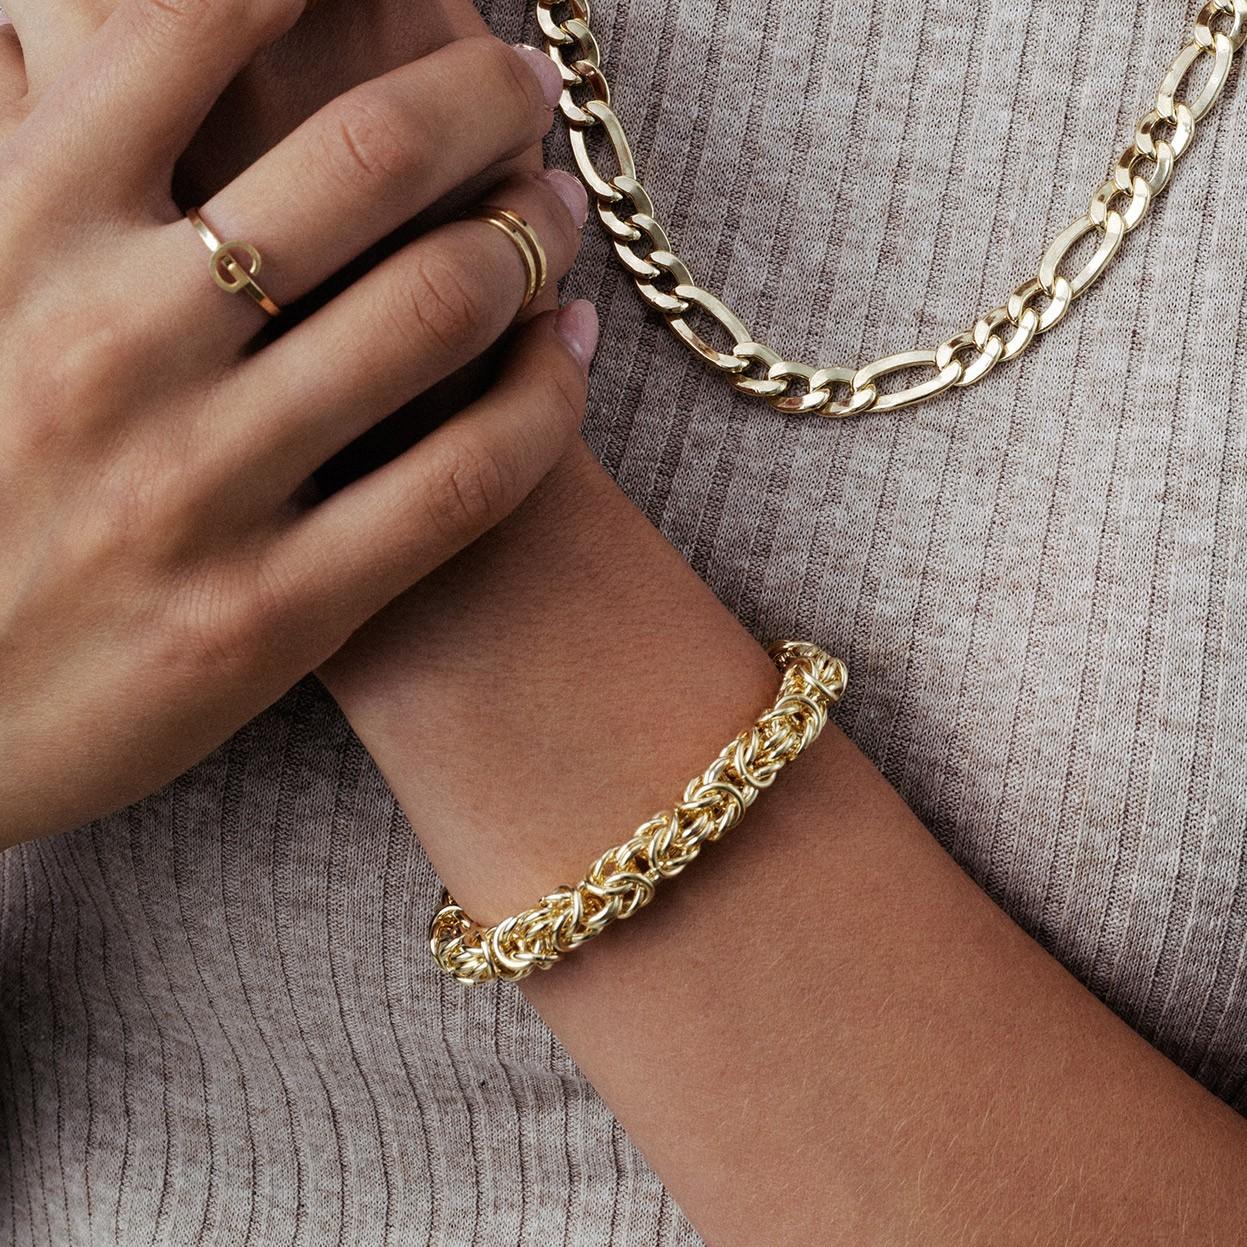 Ręcznie składana gruba bransoletka splot królewski, bizantyna srebro 925